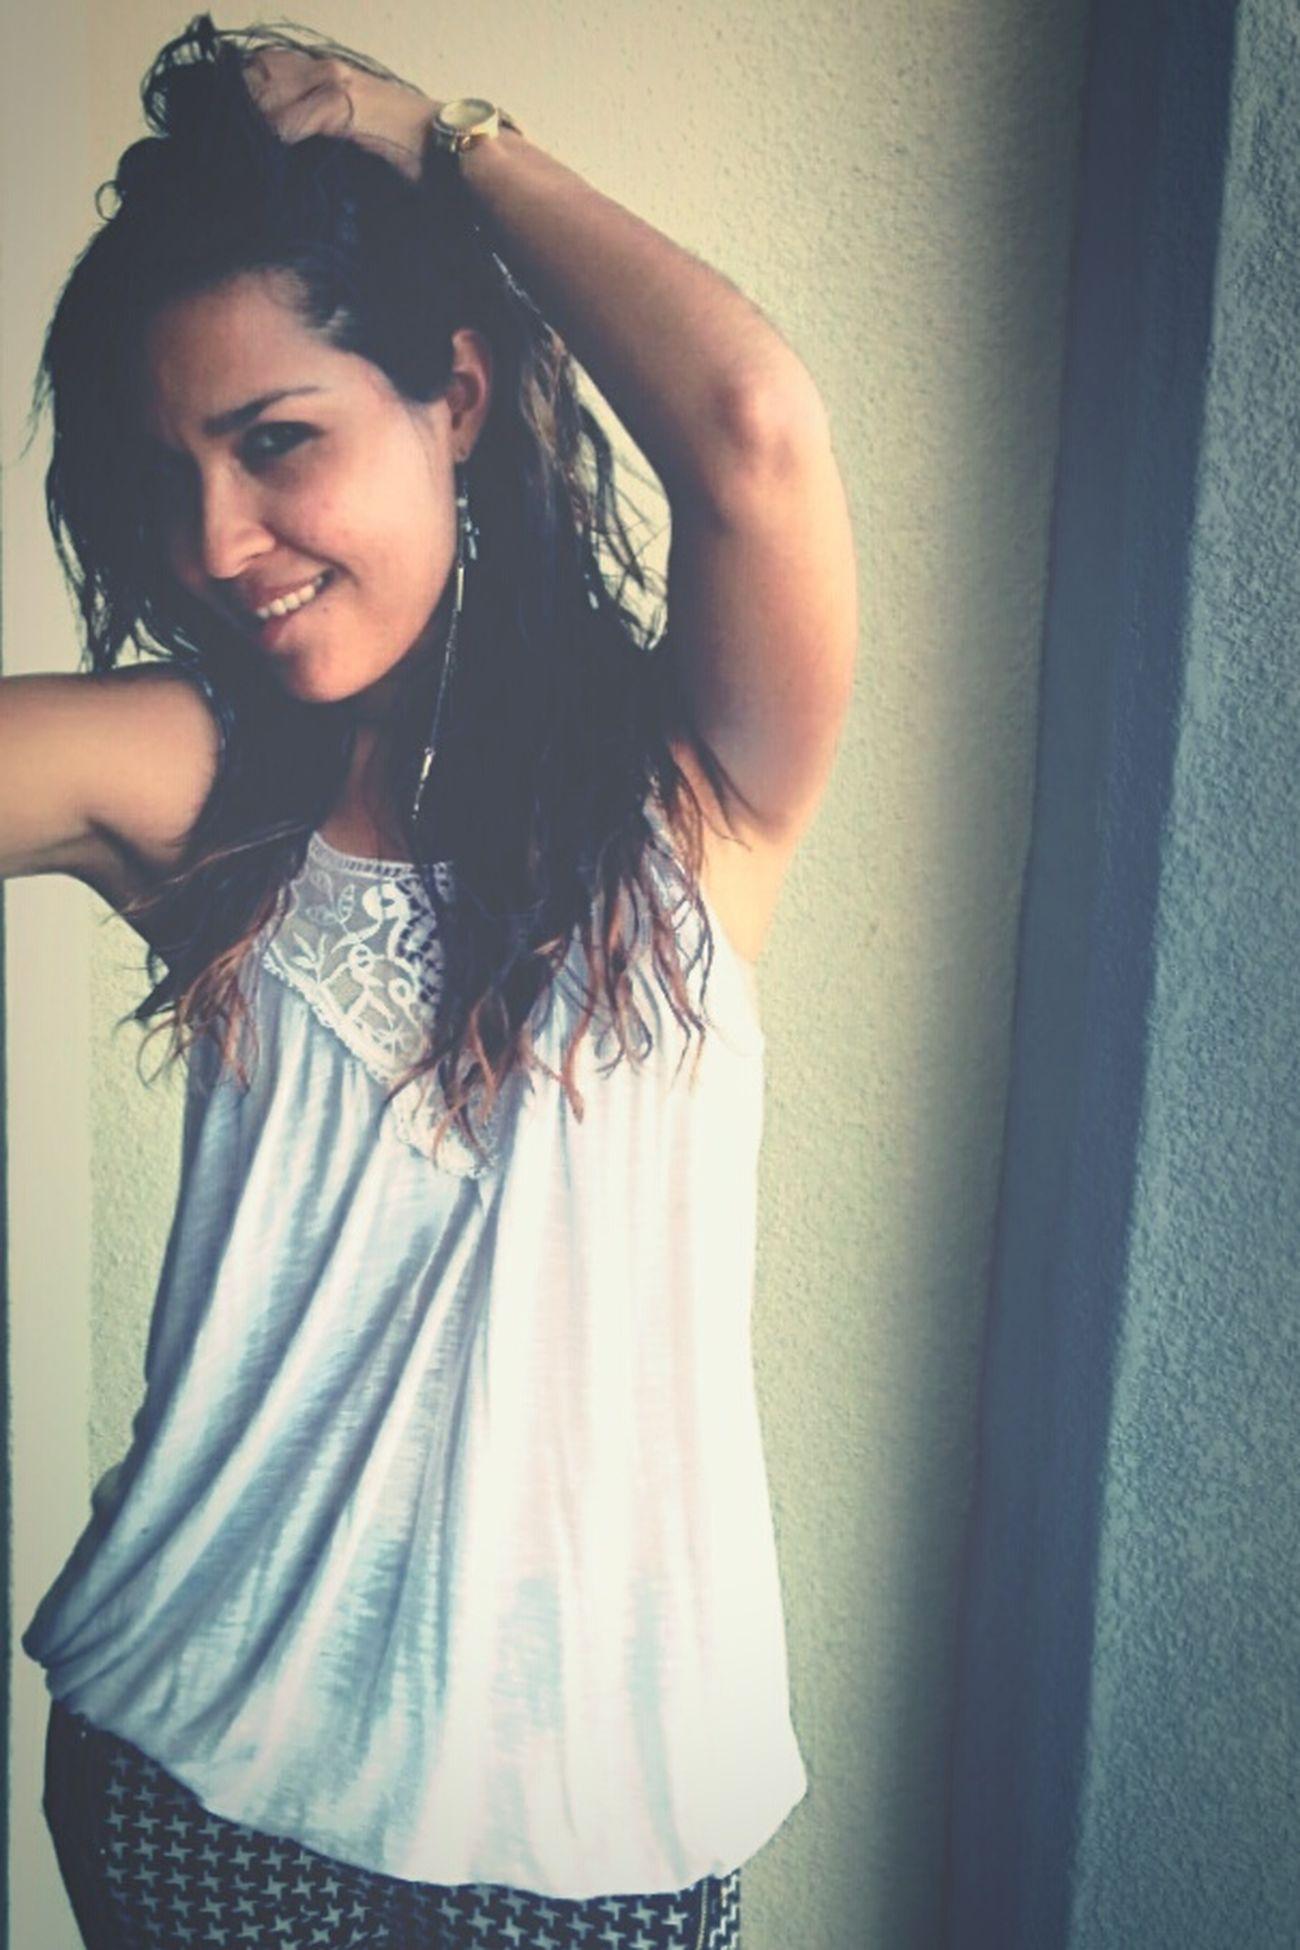 Mujer Nicaraguense Managua Posando xD